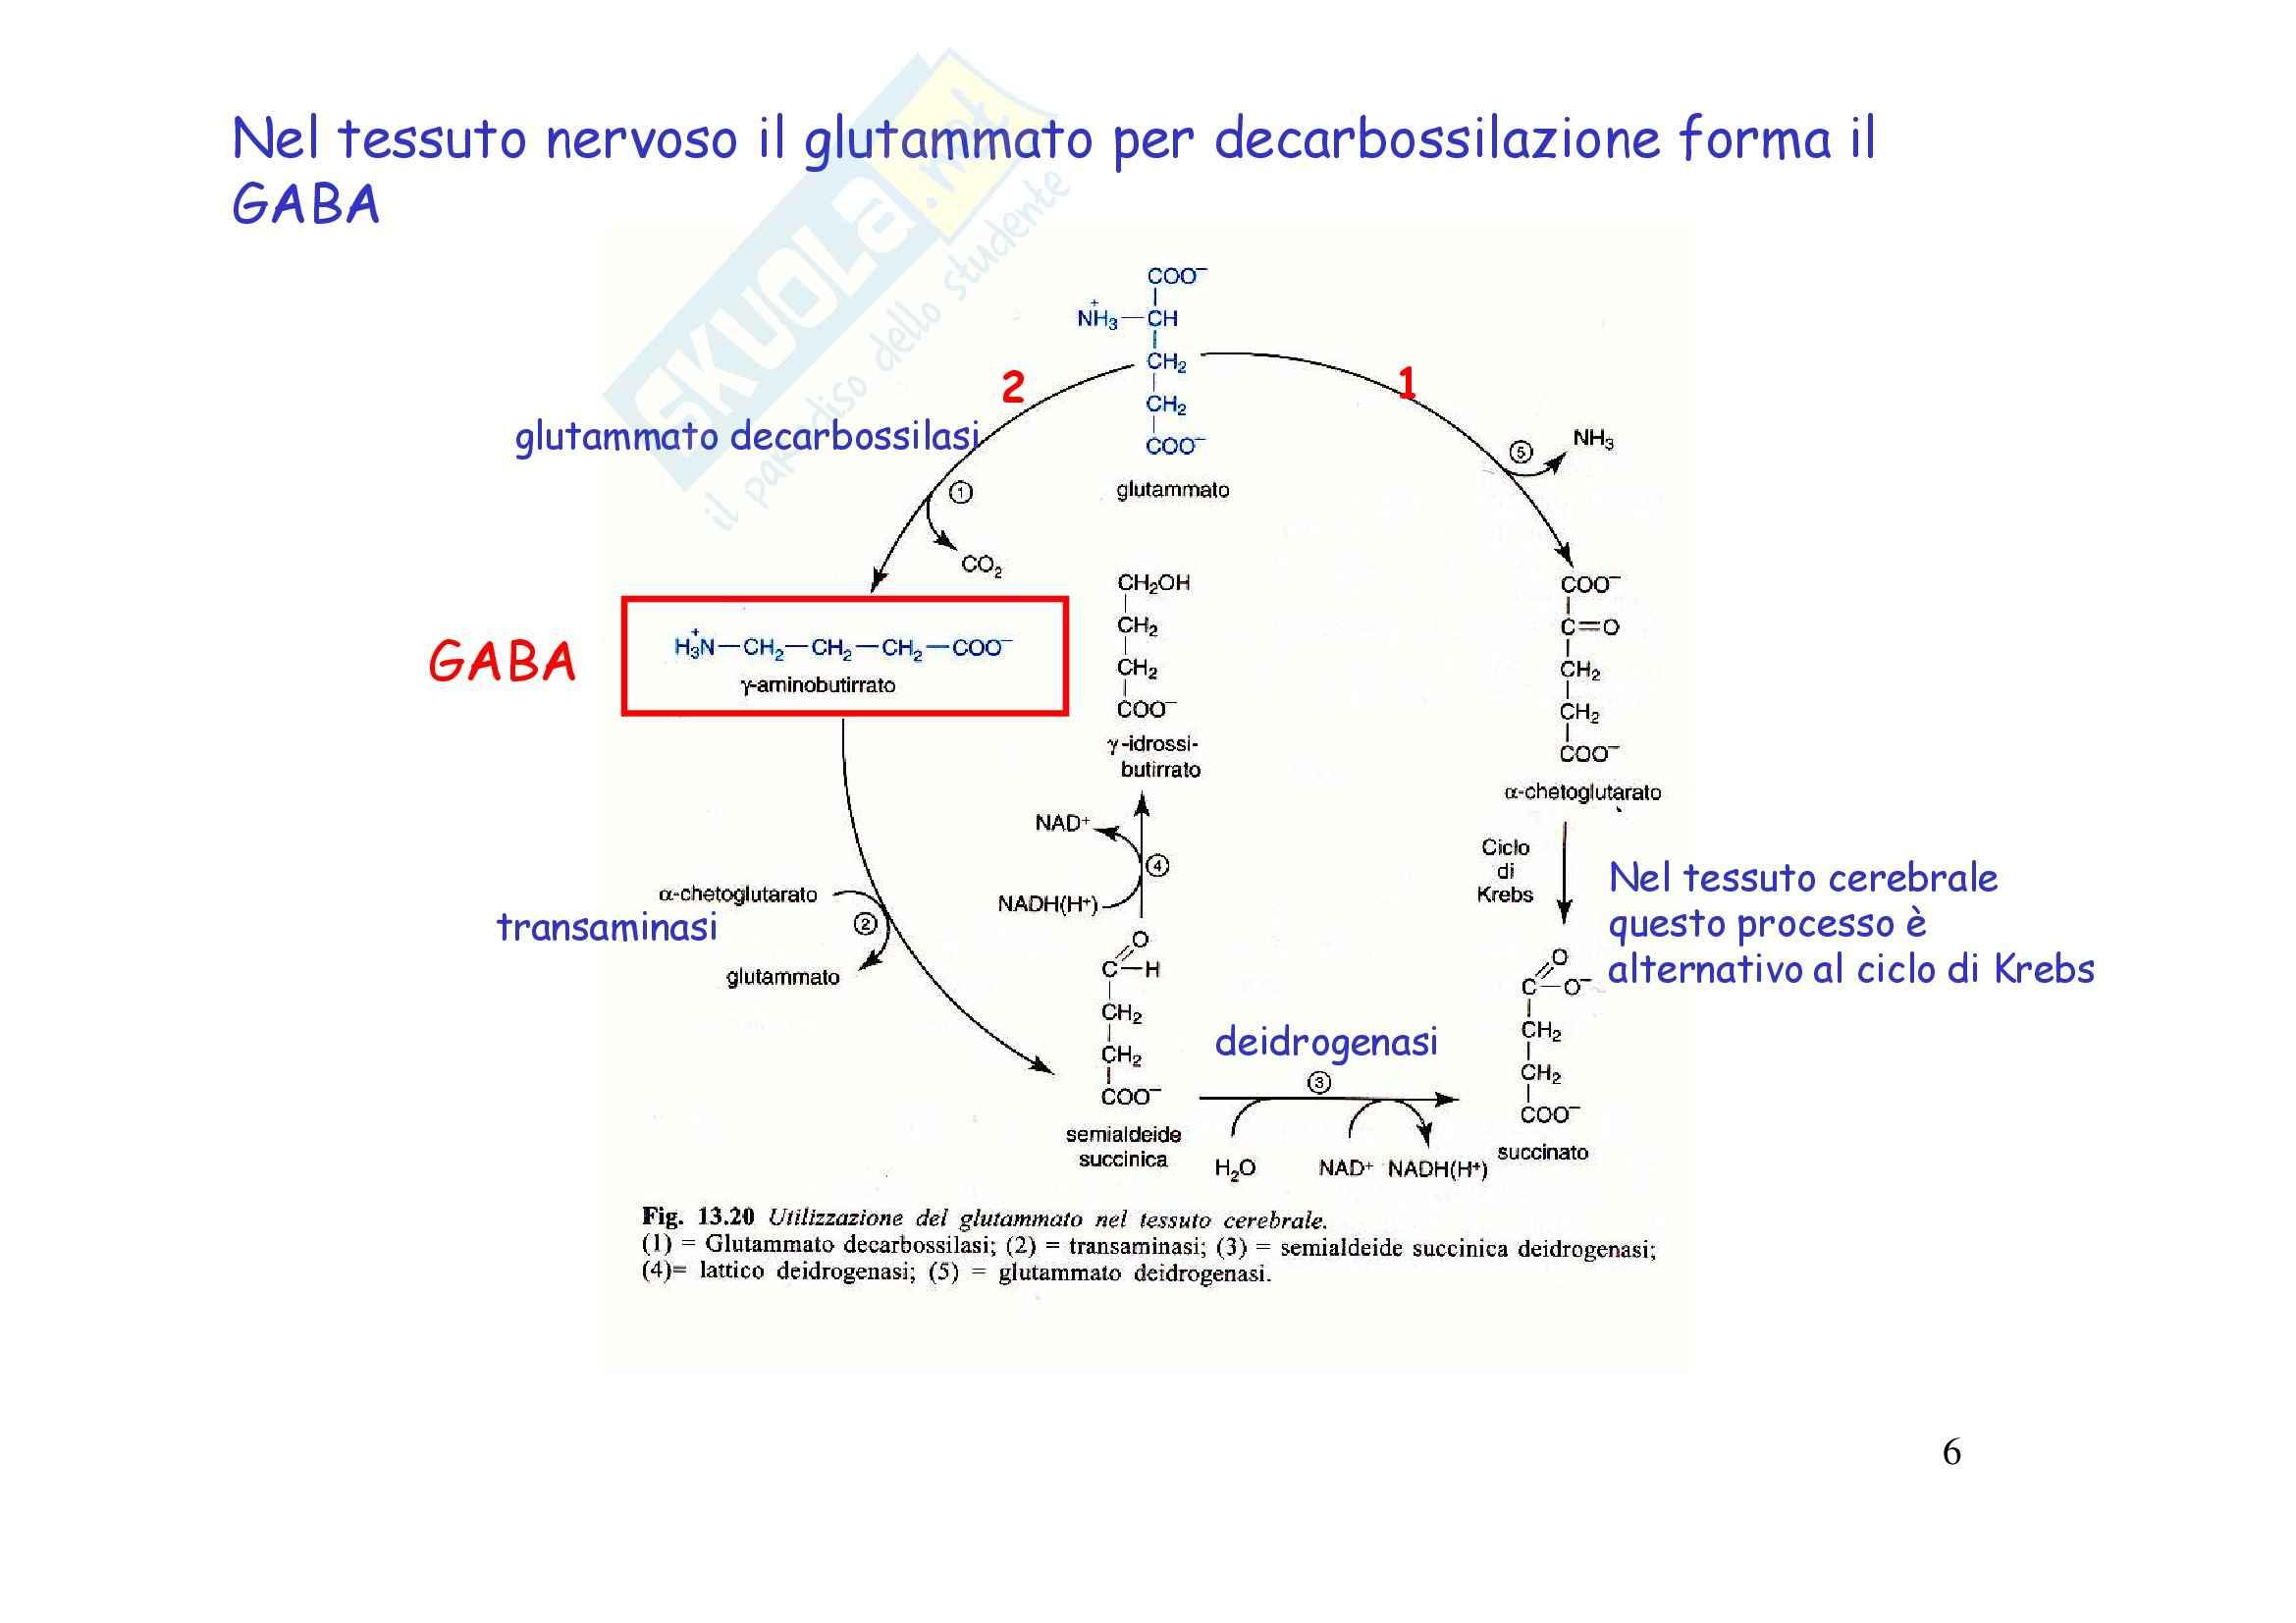 Biochimica e biologia molecolare - metabolismo degli amminoacidi Pag. 6